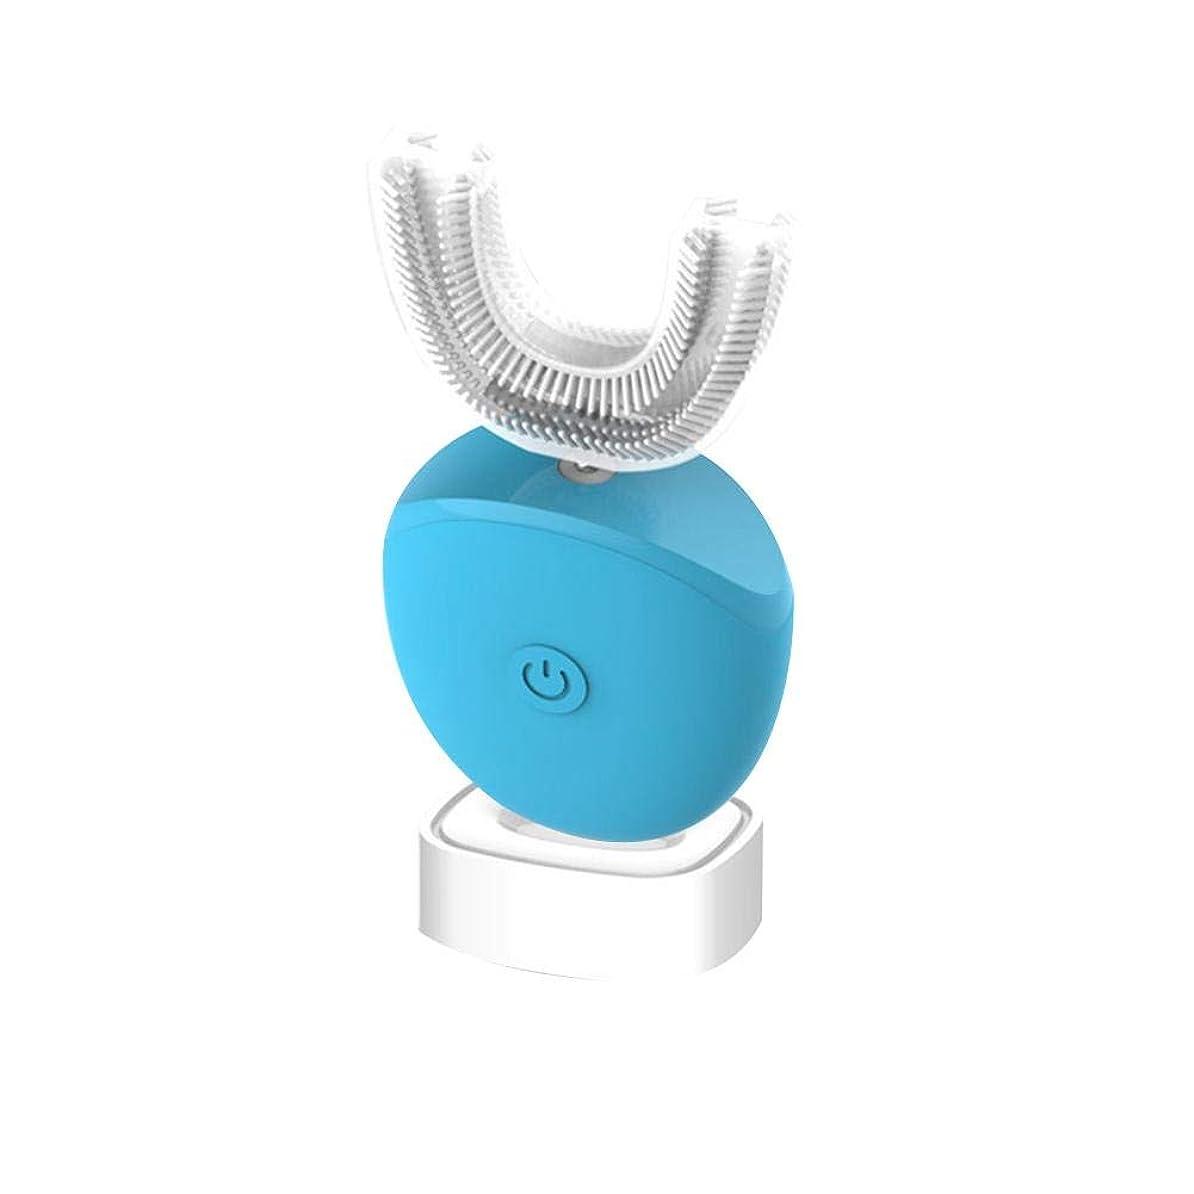 耐久軍隊工業化する電動歯ブラシ 超音波 U型?360°全方位 口腔洗浄器? 電動歯ブラシ?超音波?ワイヤレス充電?虫歯予防?U型?360°全方位